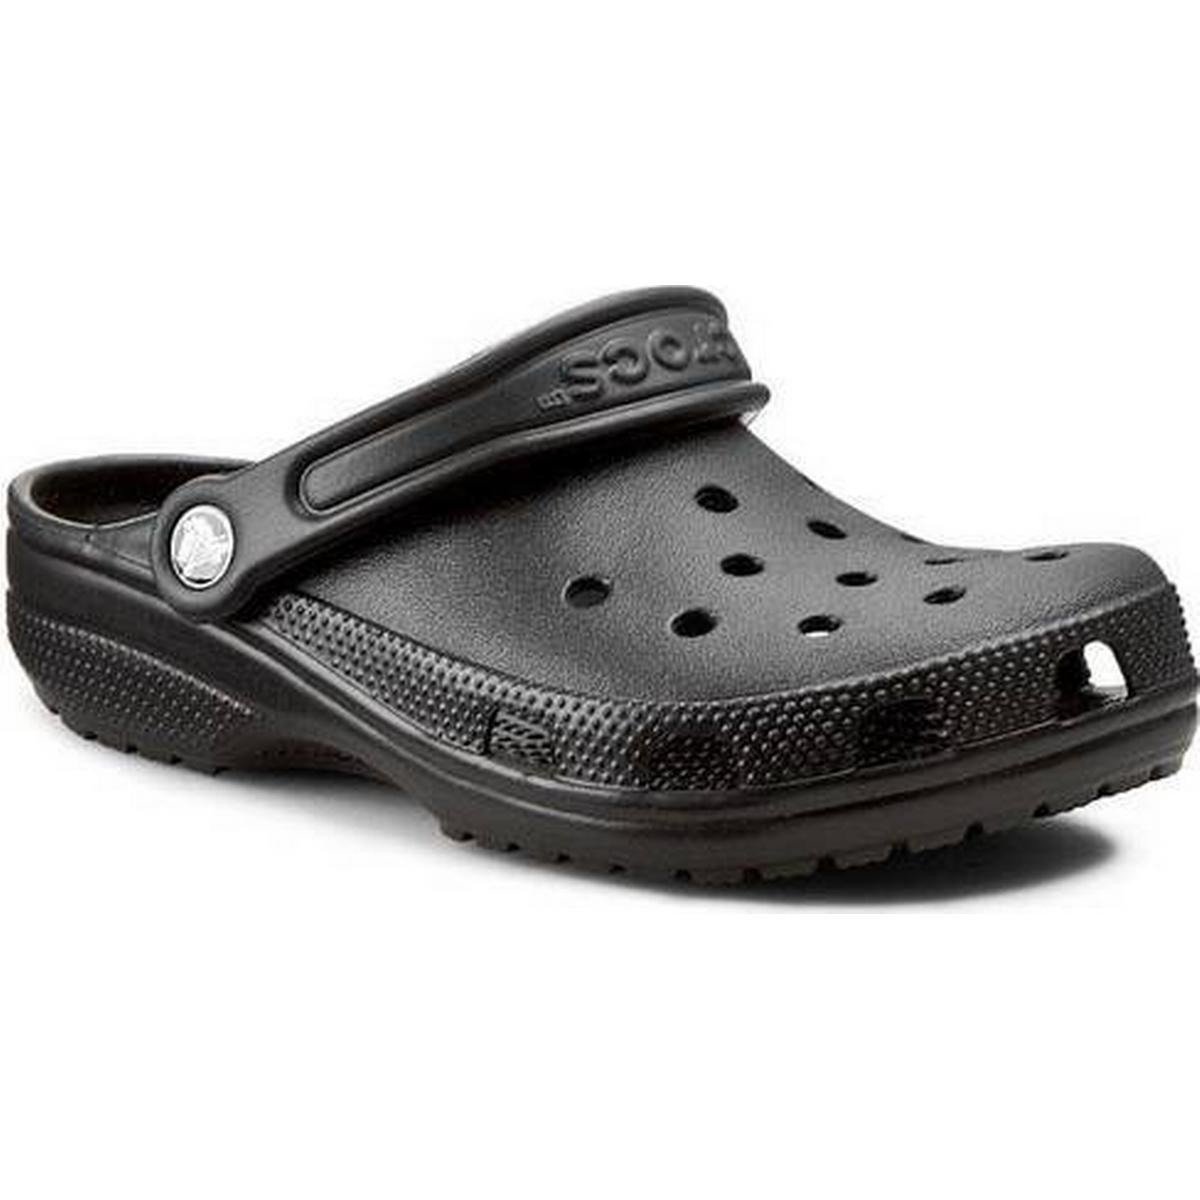 197c1ef47bce Crocs Sko - Sammenlign priser hos PriceRunner